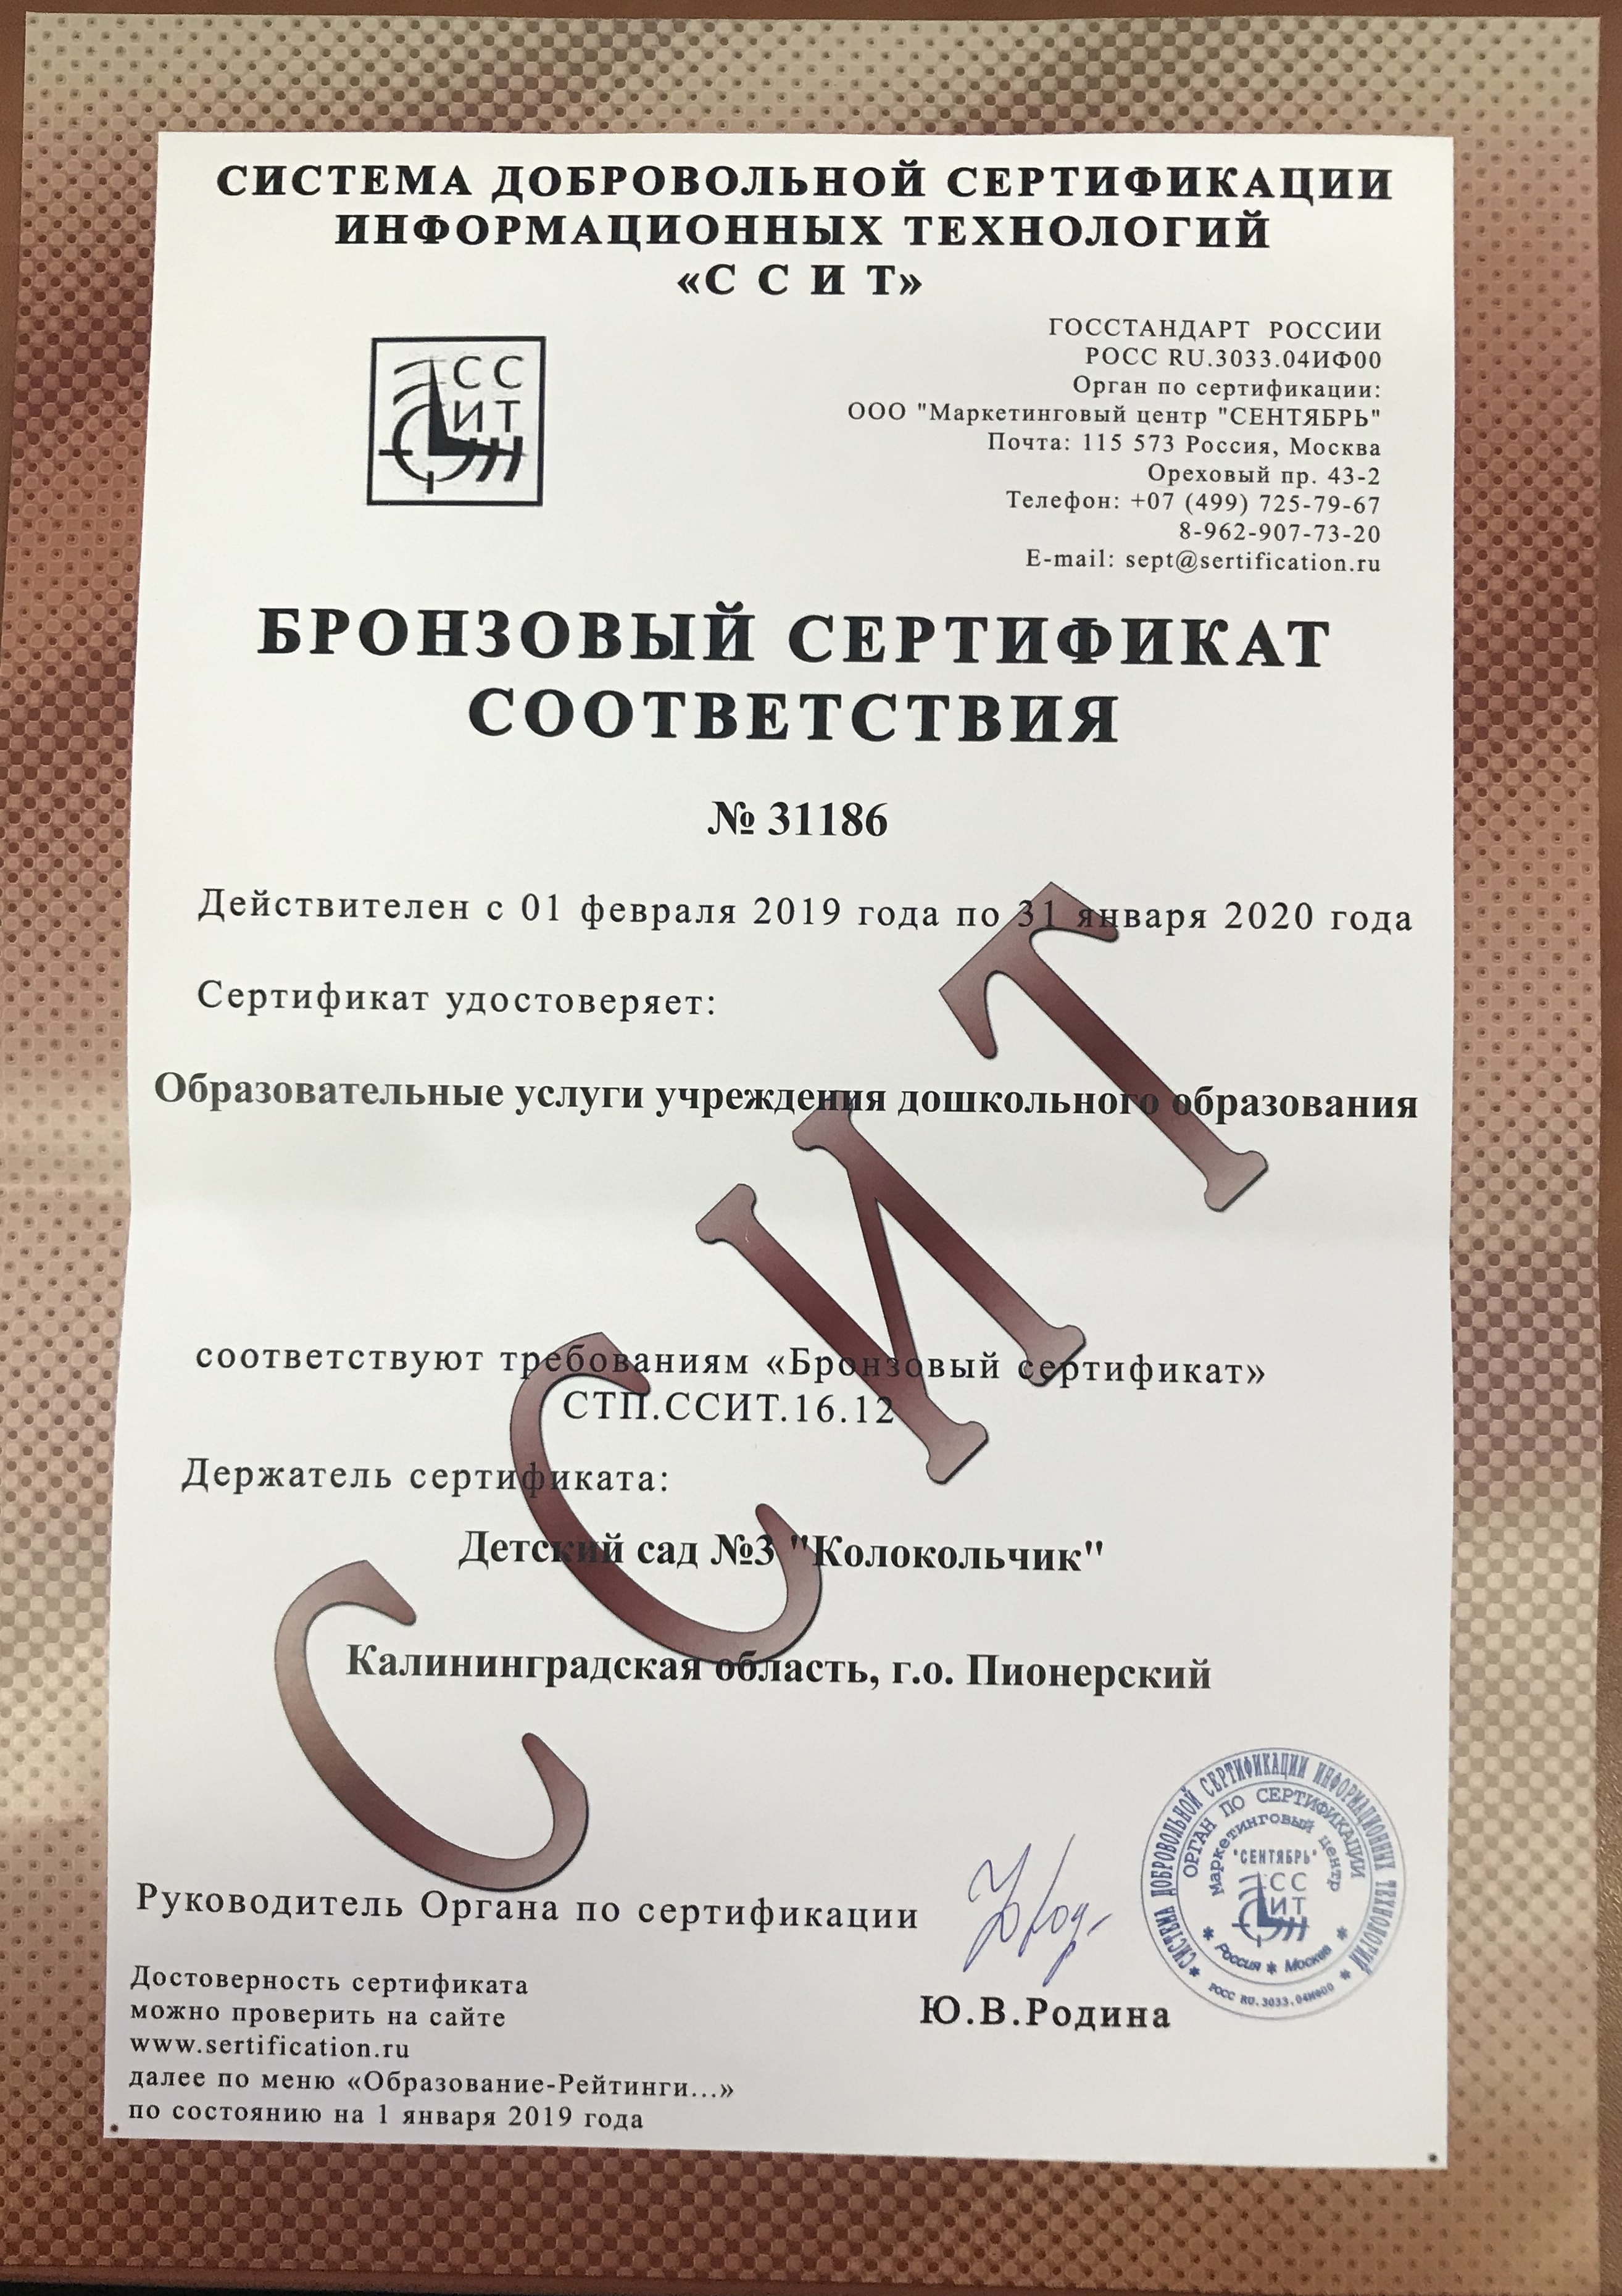 Бронзовый сертификат